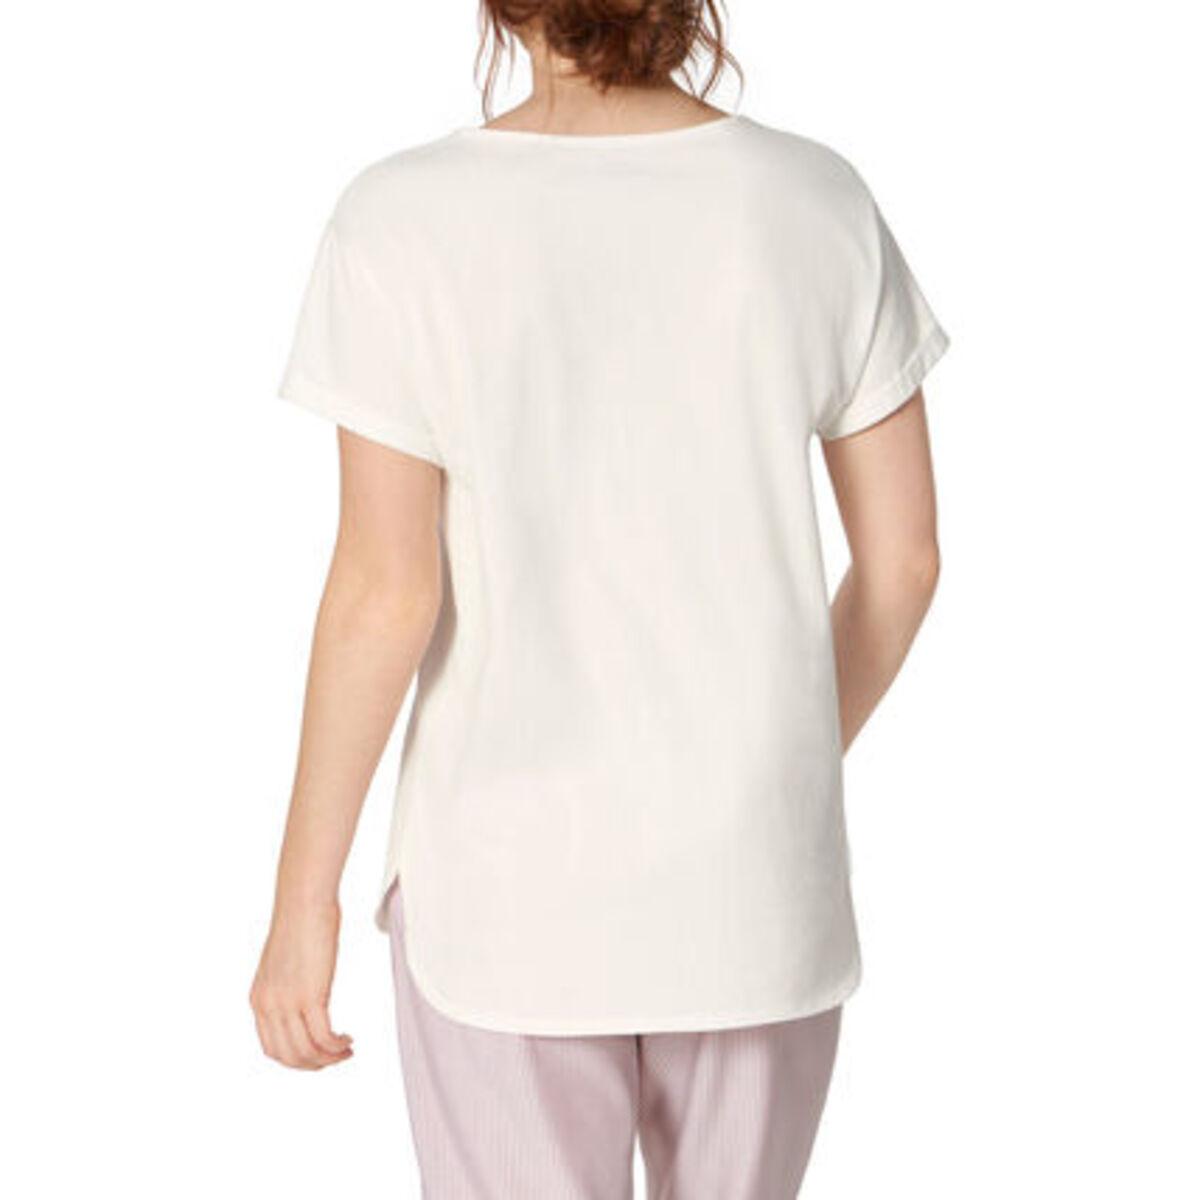 """Bild 2 von Triumph Shirt """"Mix & Match """", Herzausschnitt, Kurzarm, für Damen"""